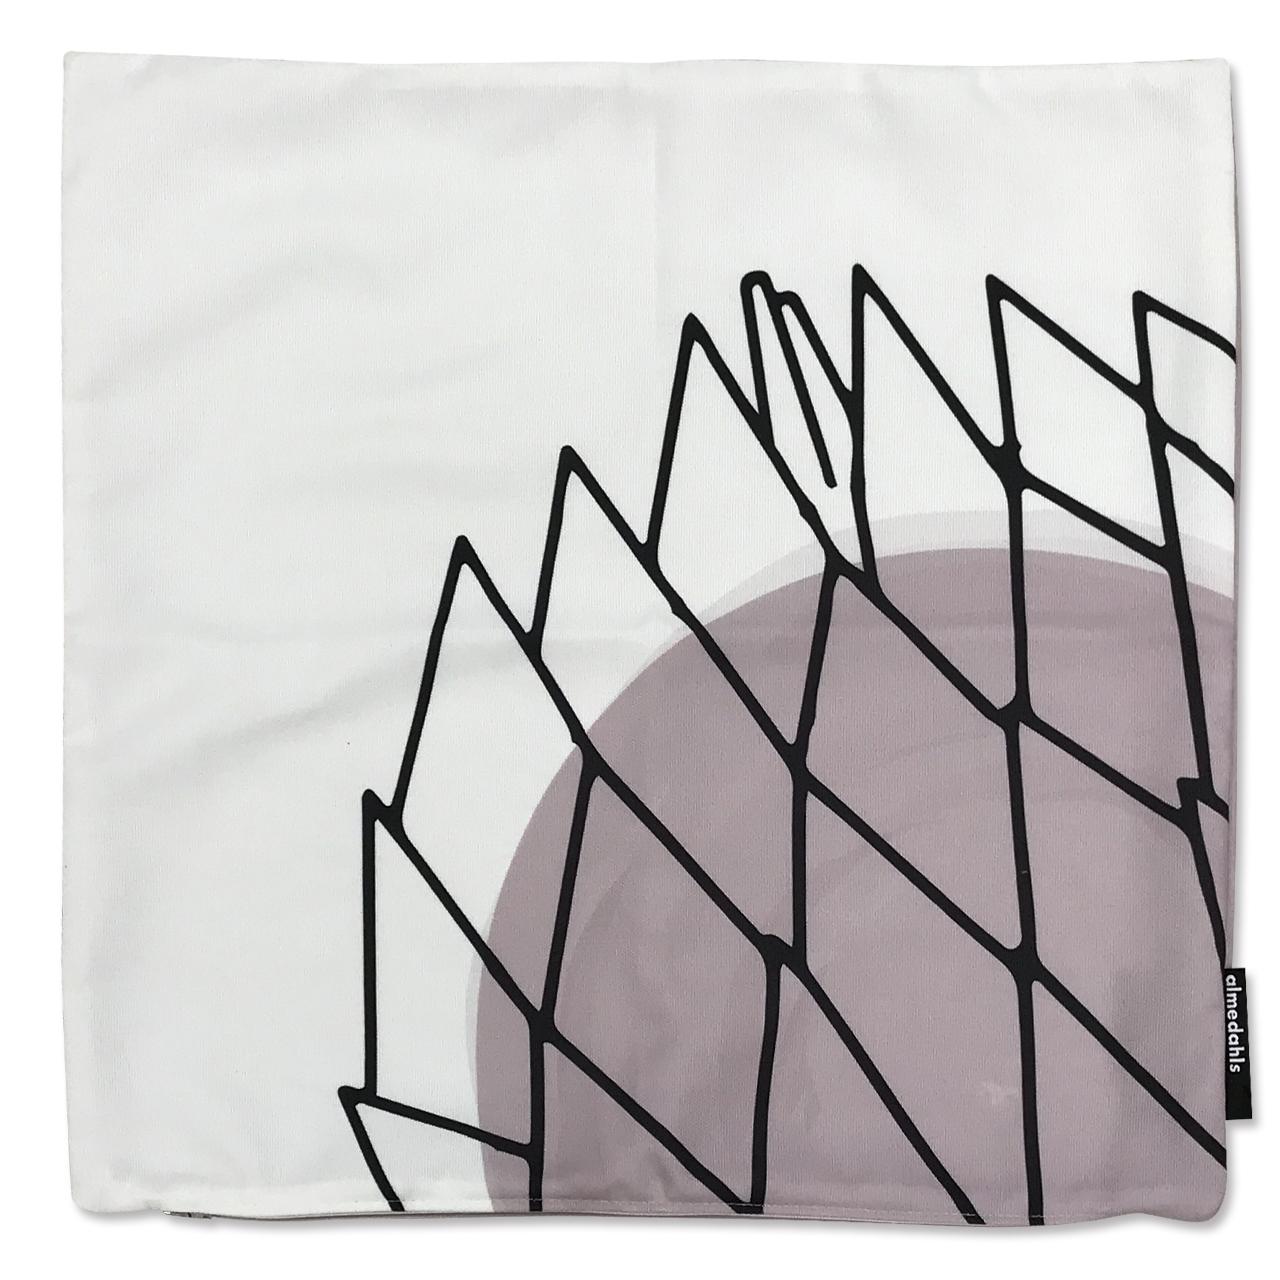 クッションカバー Picknick Elements ピンク 約45×45cm